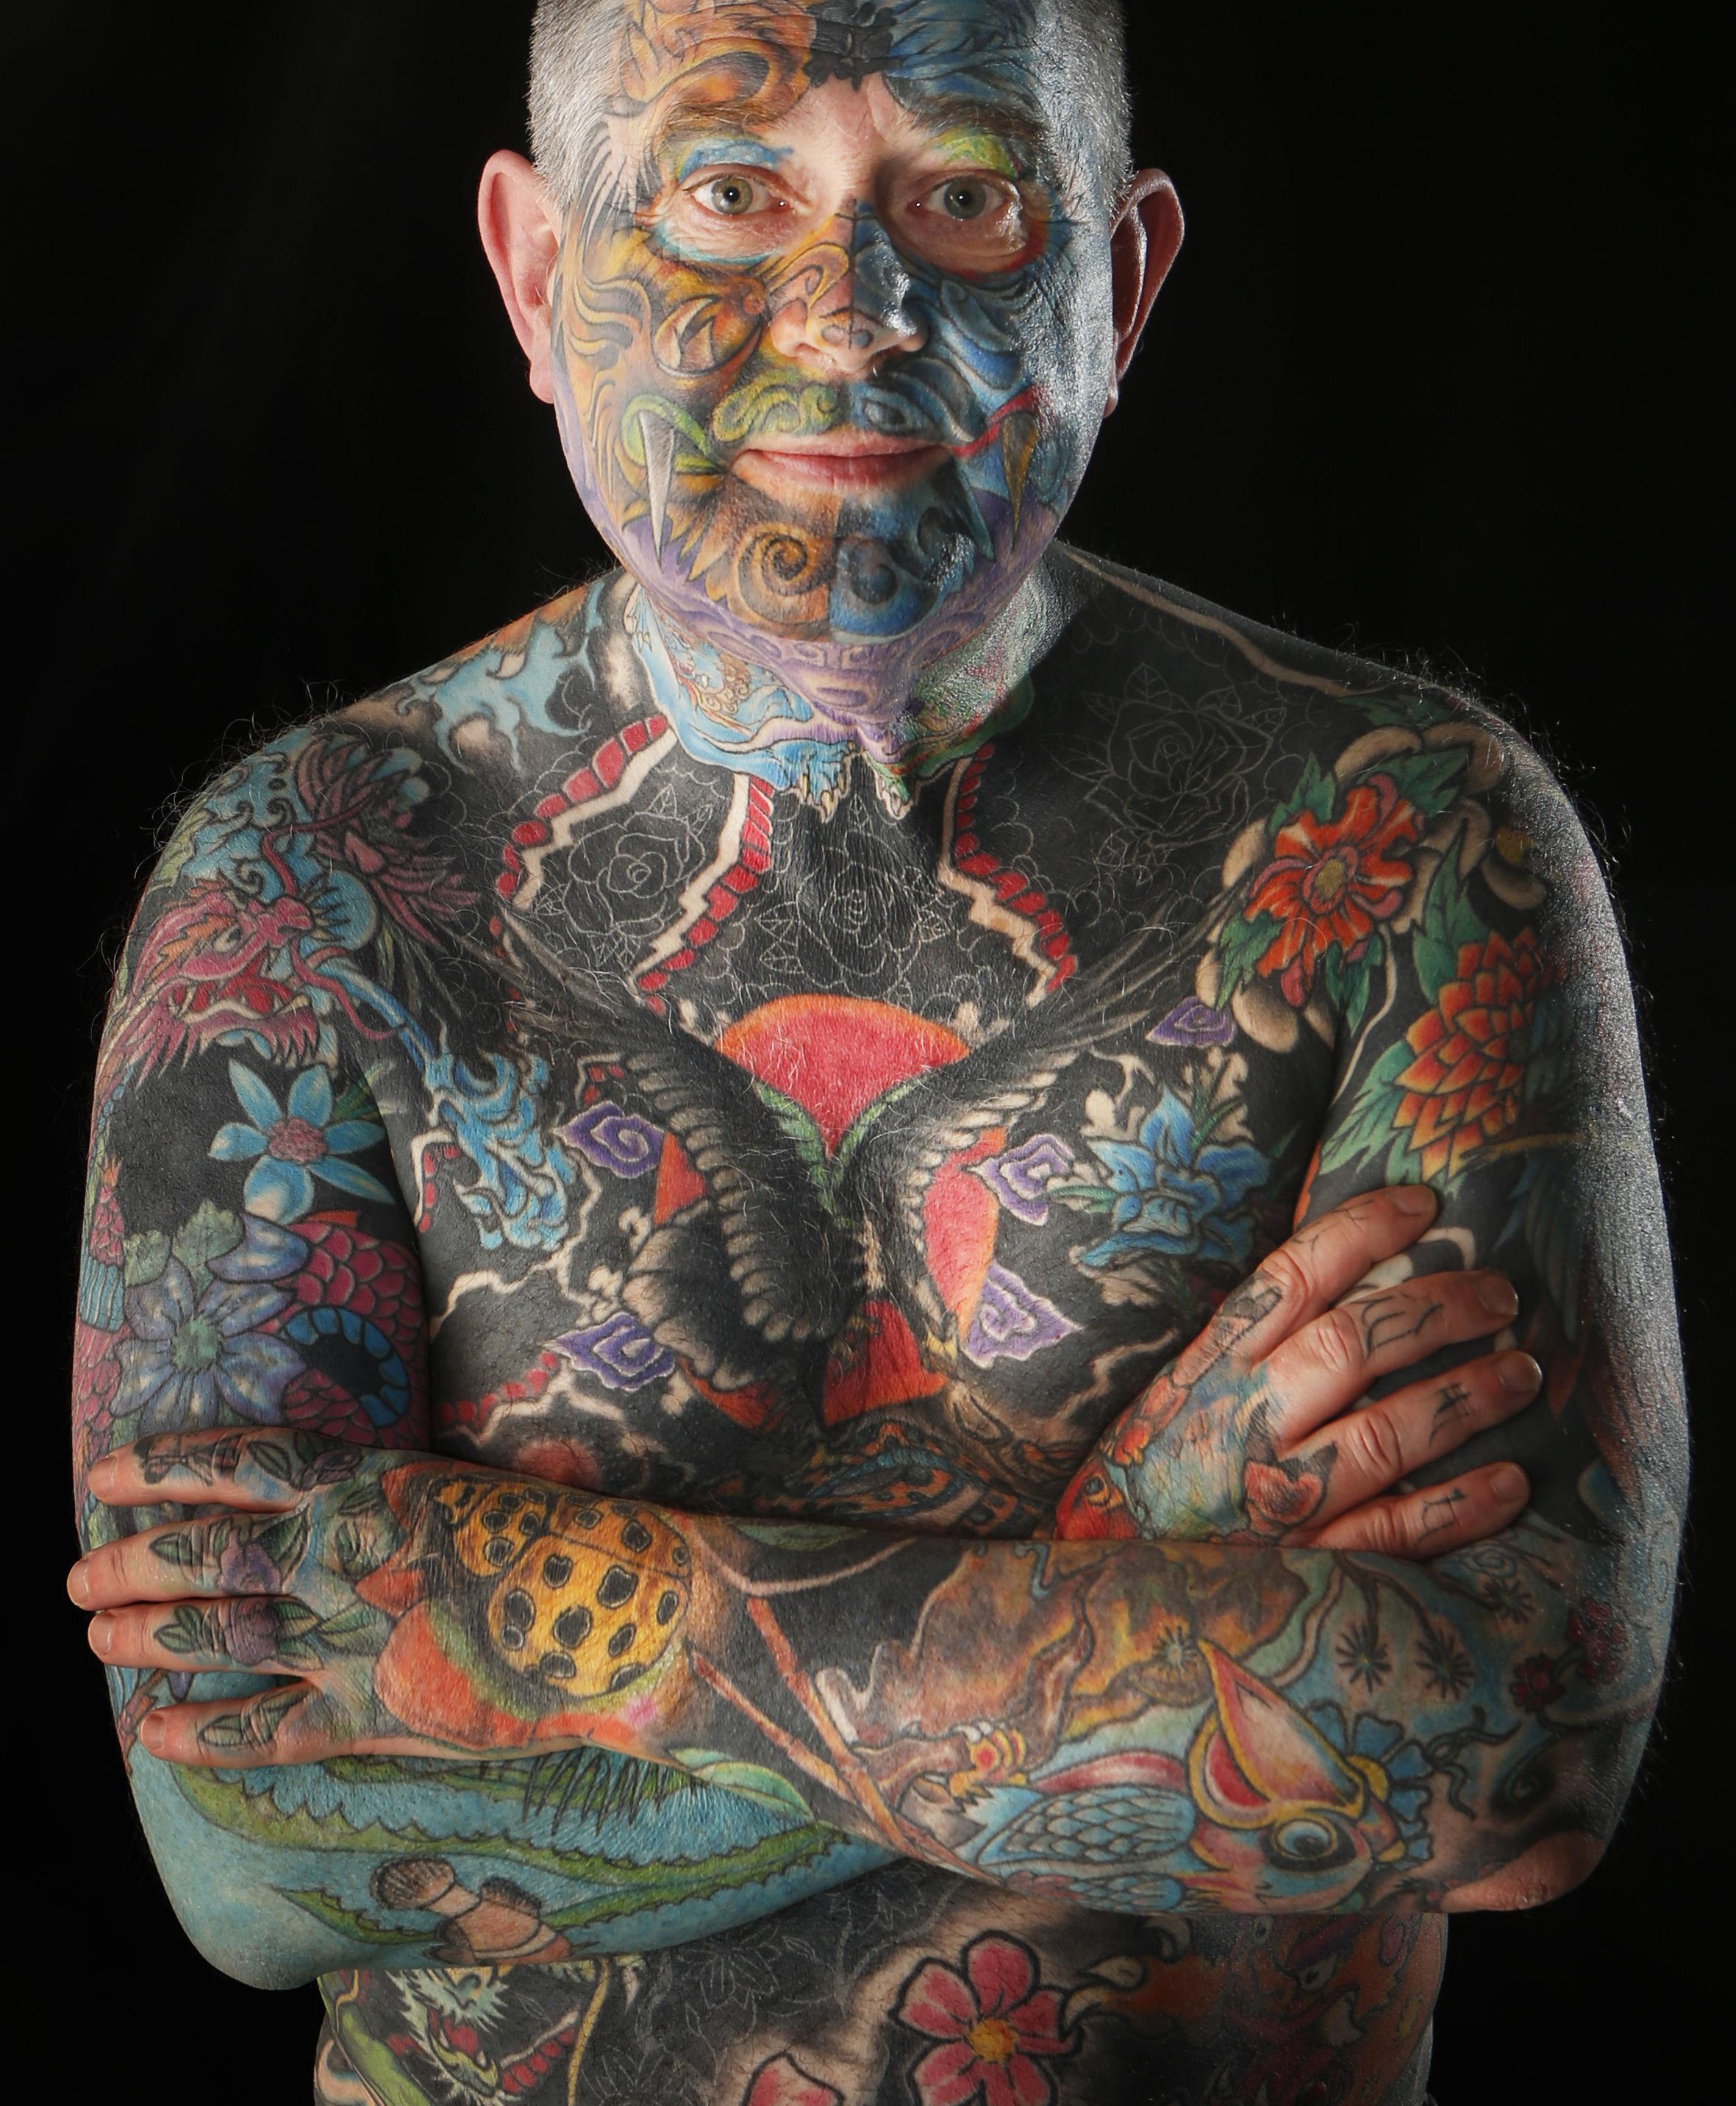 Tattoo Artists Attend International Scottish Tattoo